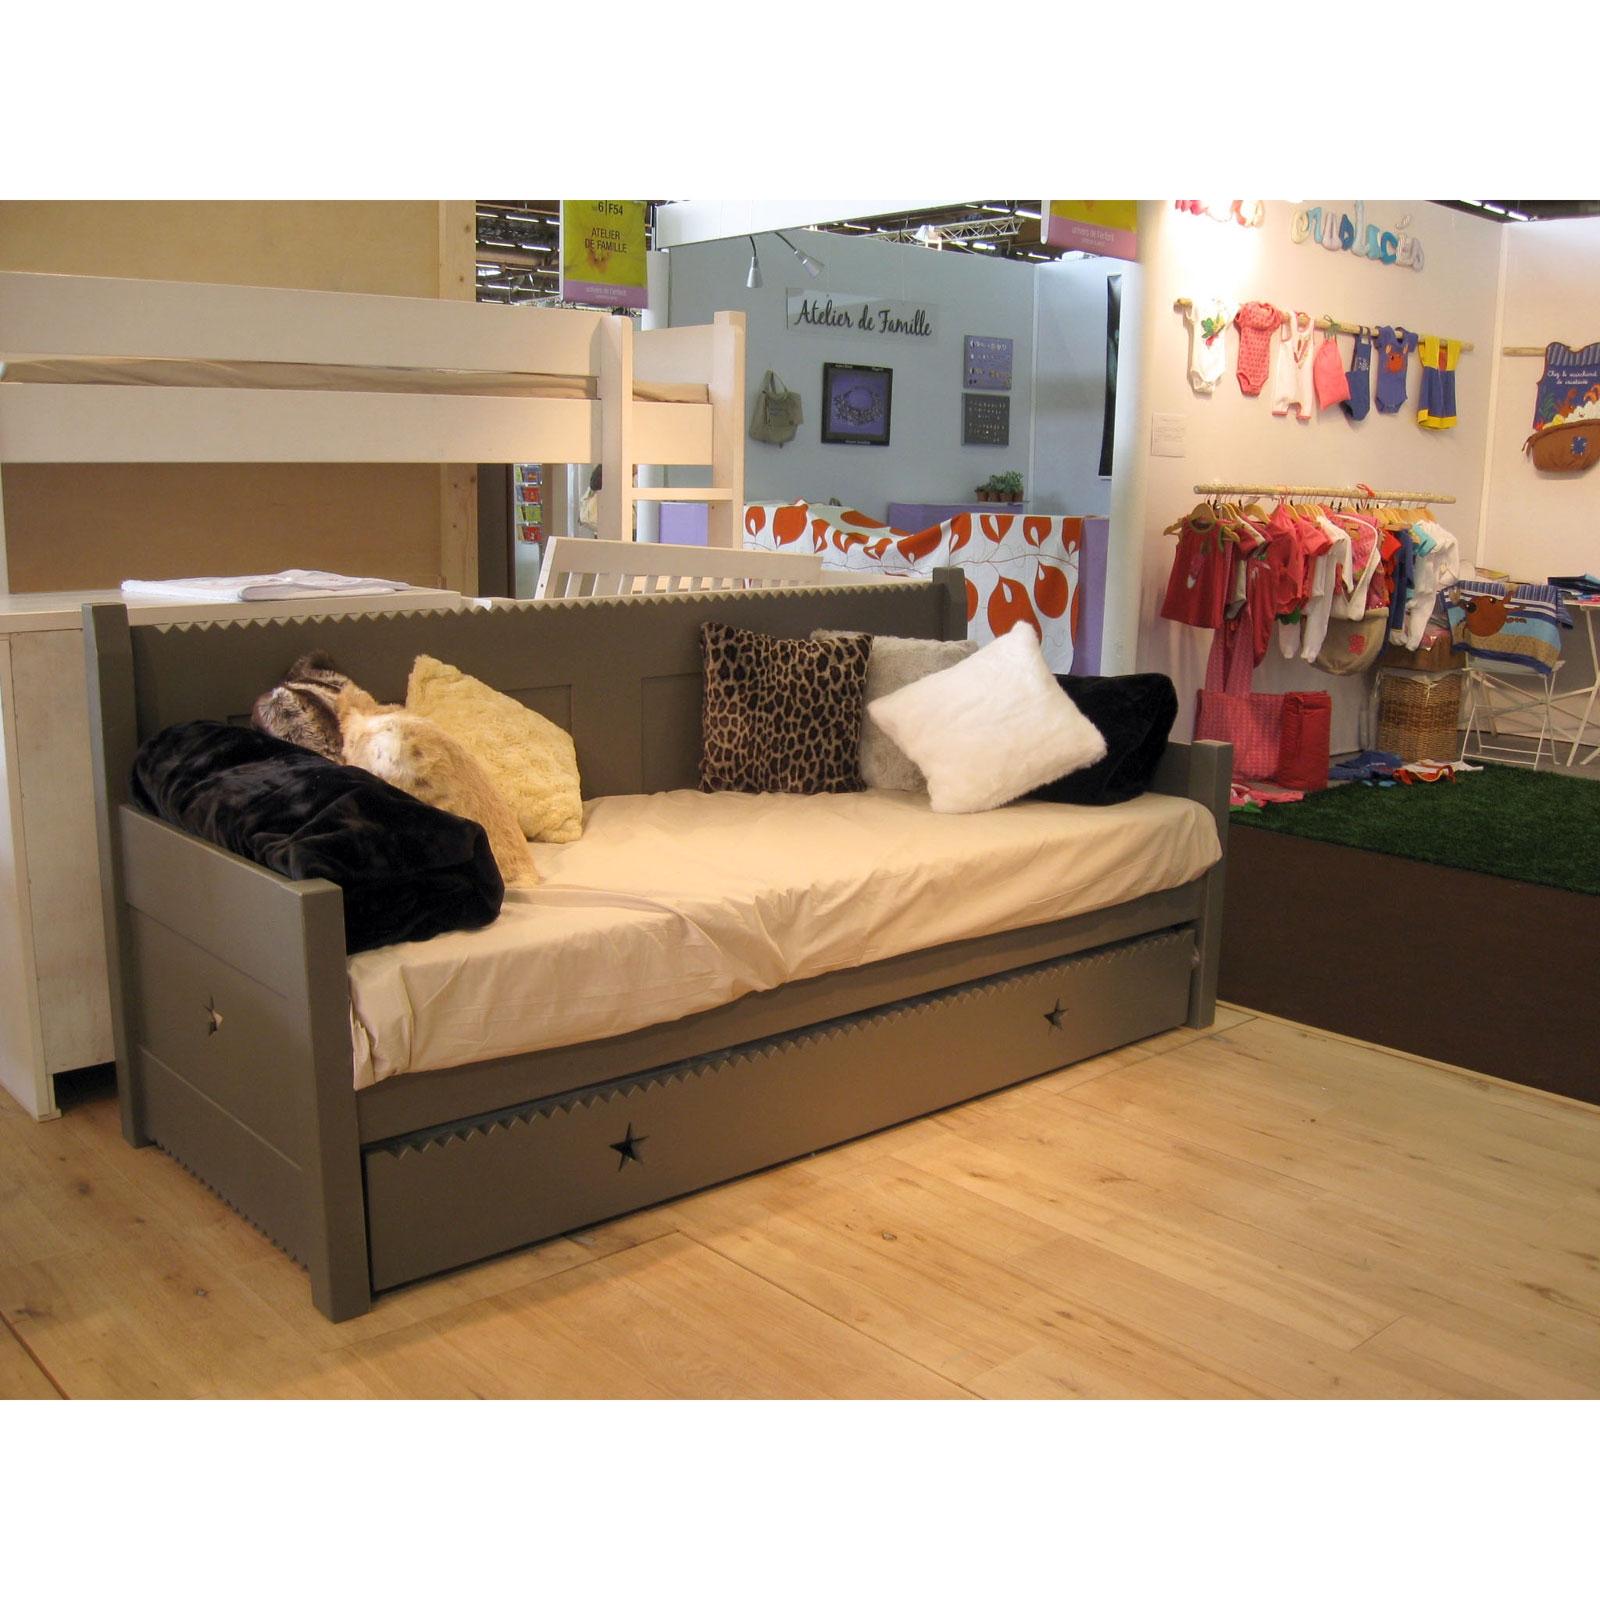 lit banquette enfant. Black Bedroom Furniture Sets. Home Design Ideas